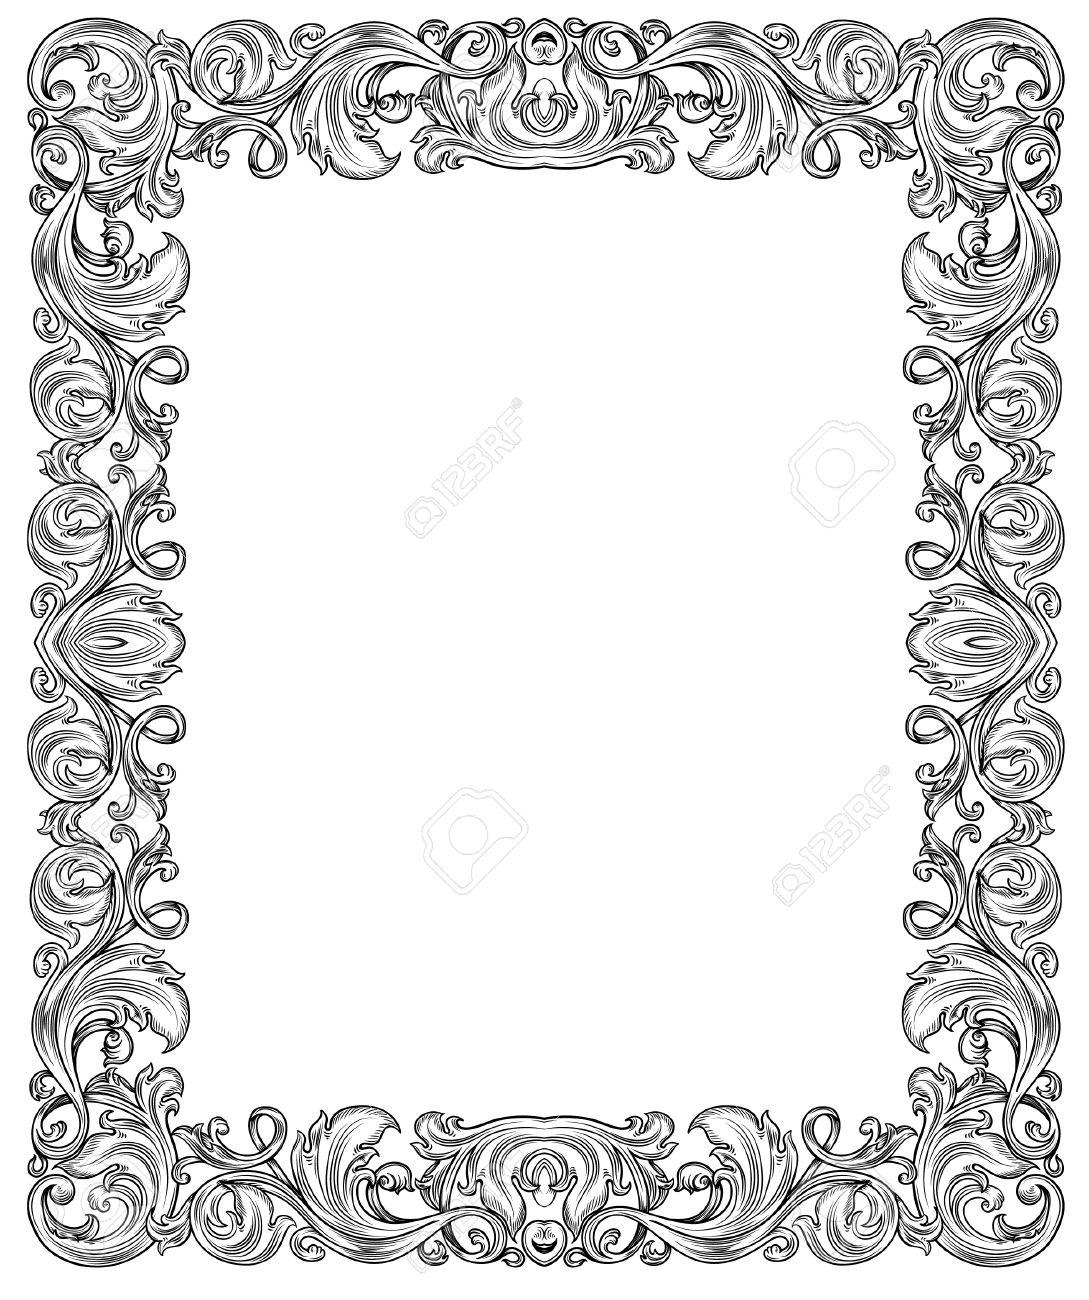 Schwarz Und Weiß Verzierten Rahmen, Isoliert Lizenzfrei Nutzbare ...